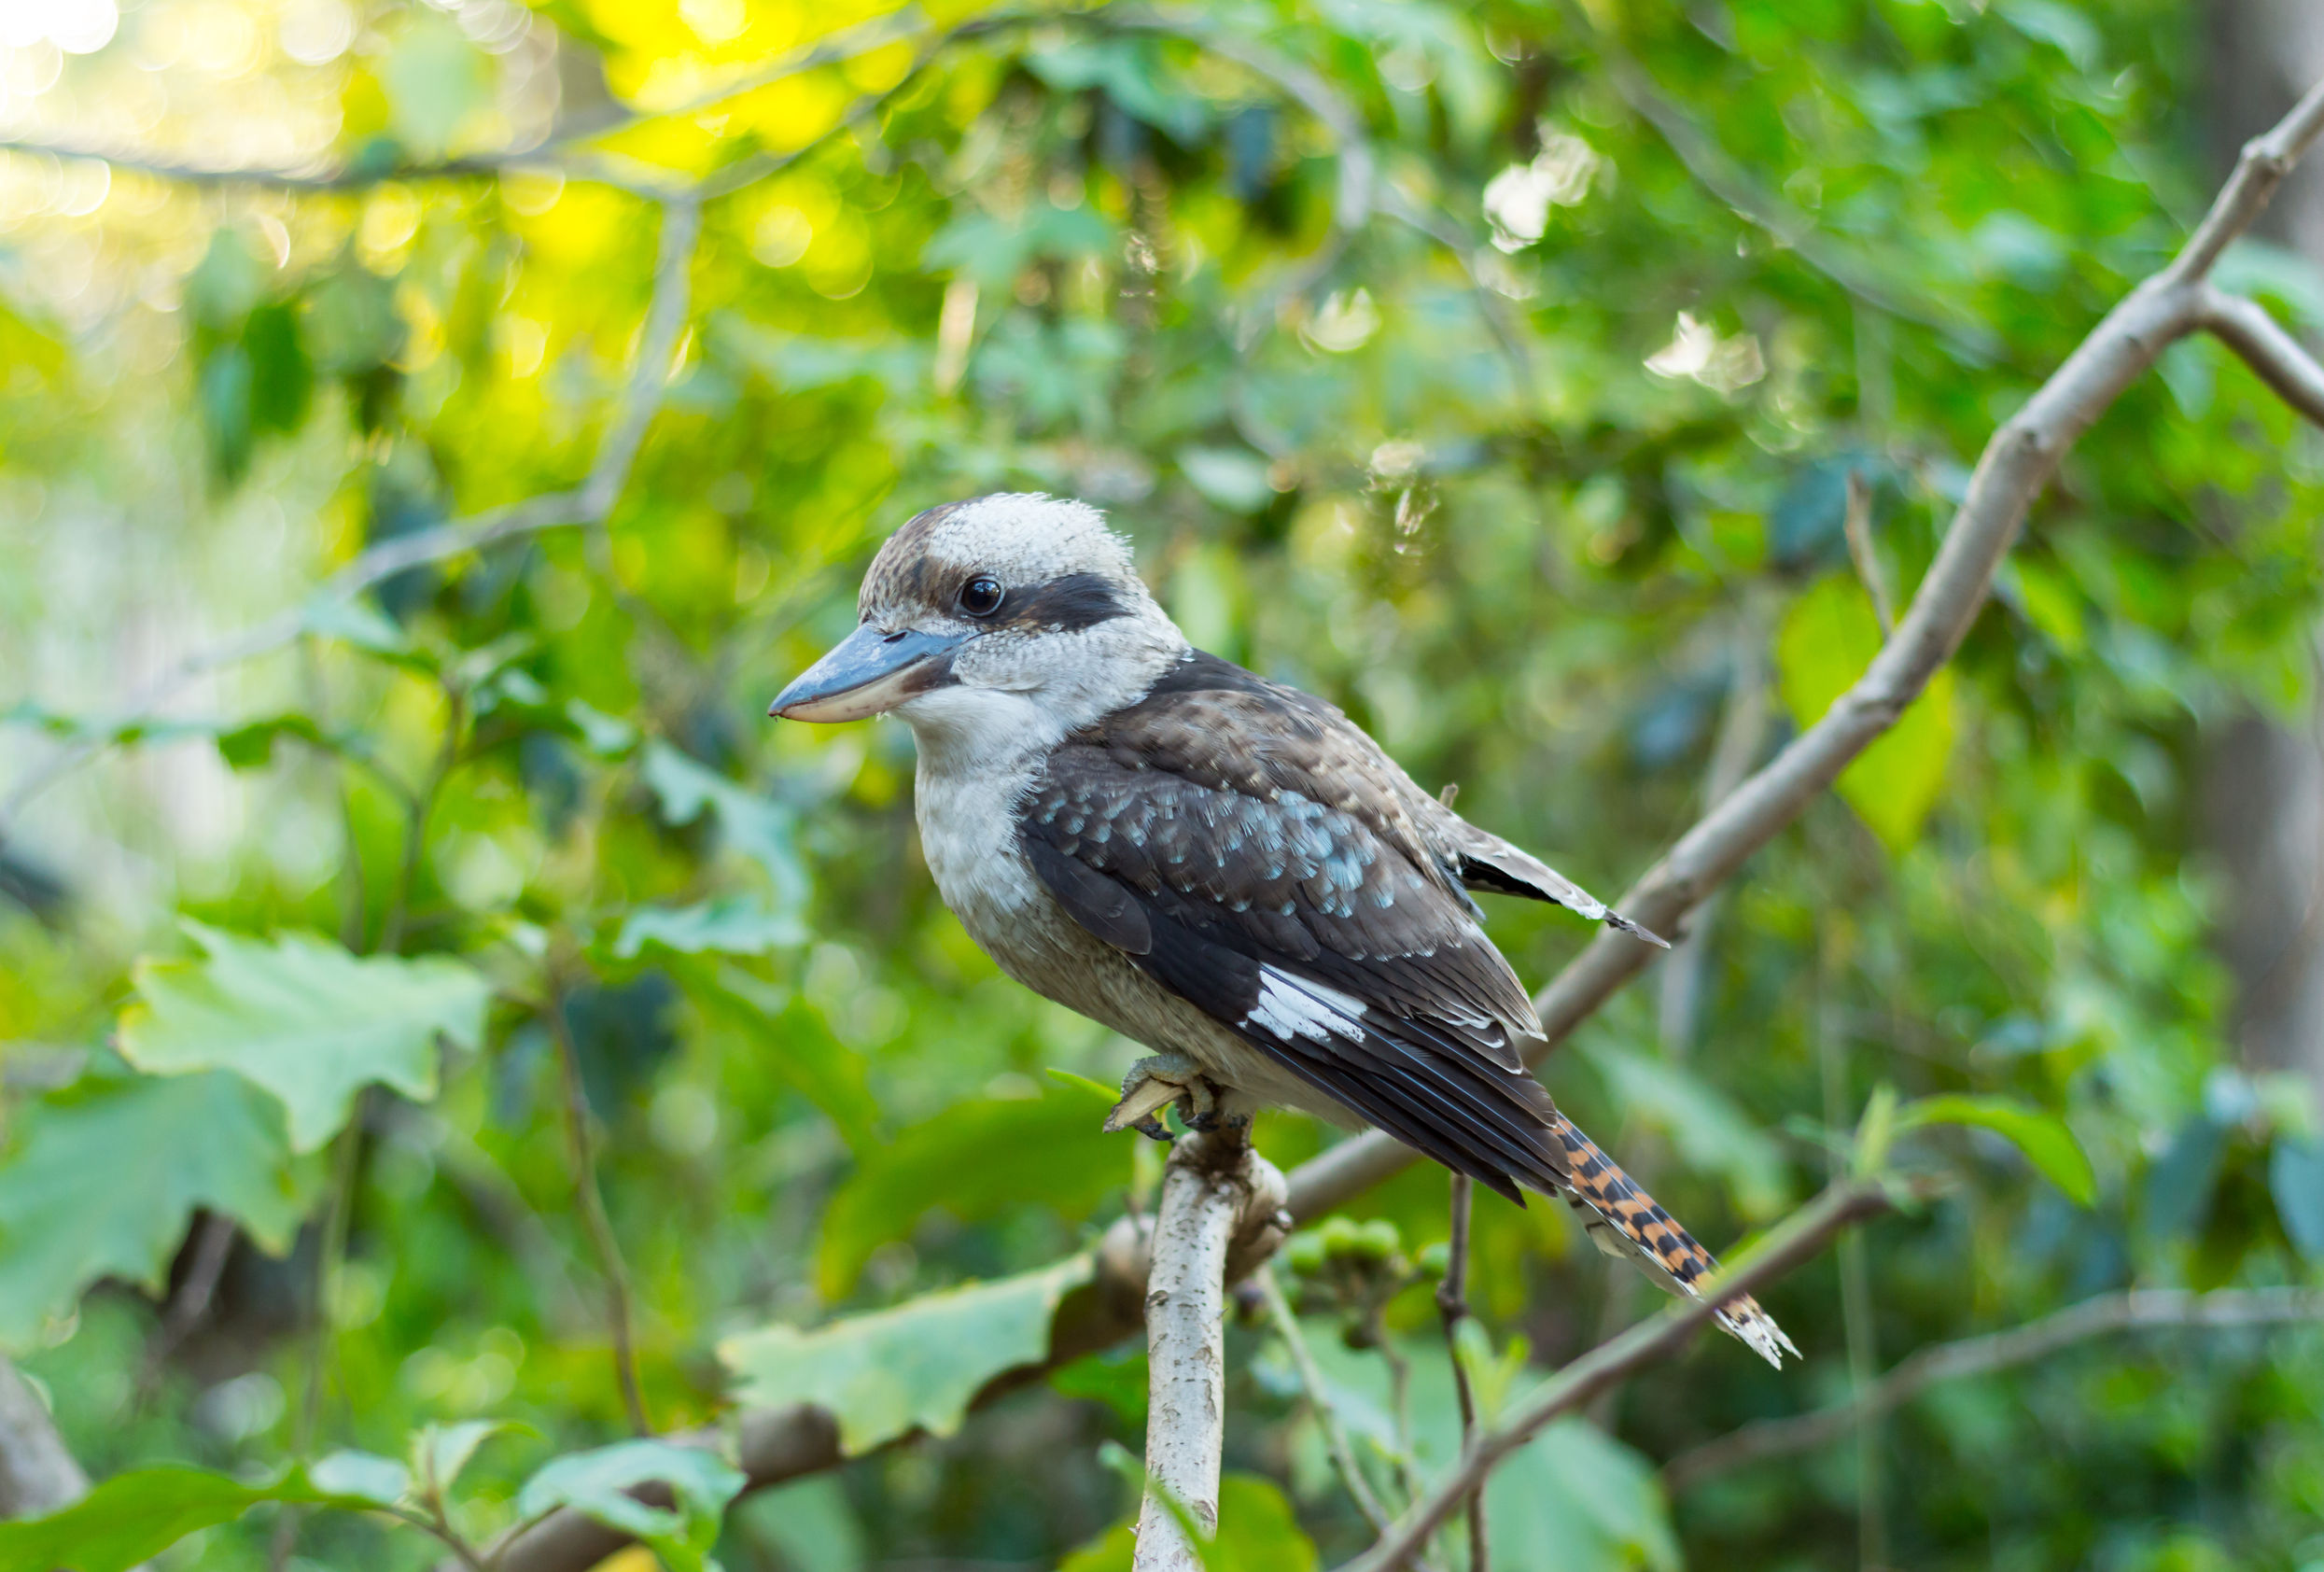 bird-on-stick-australia